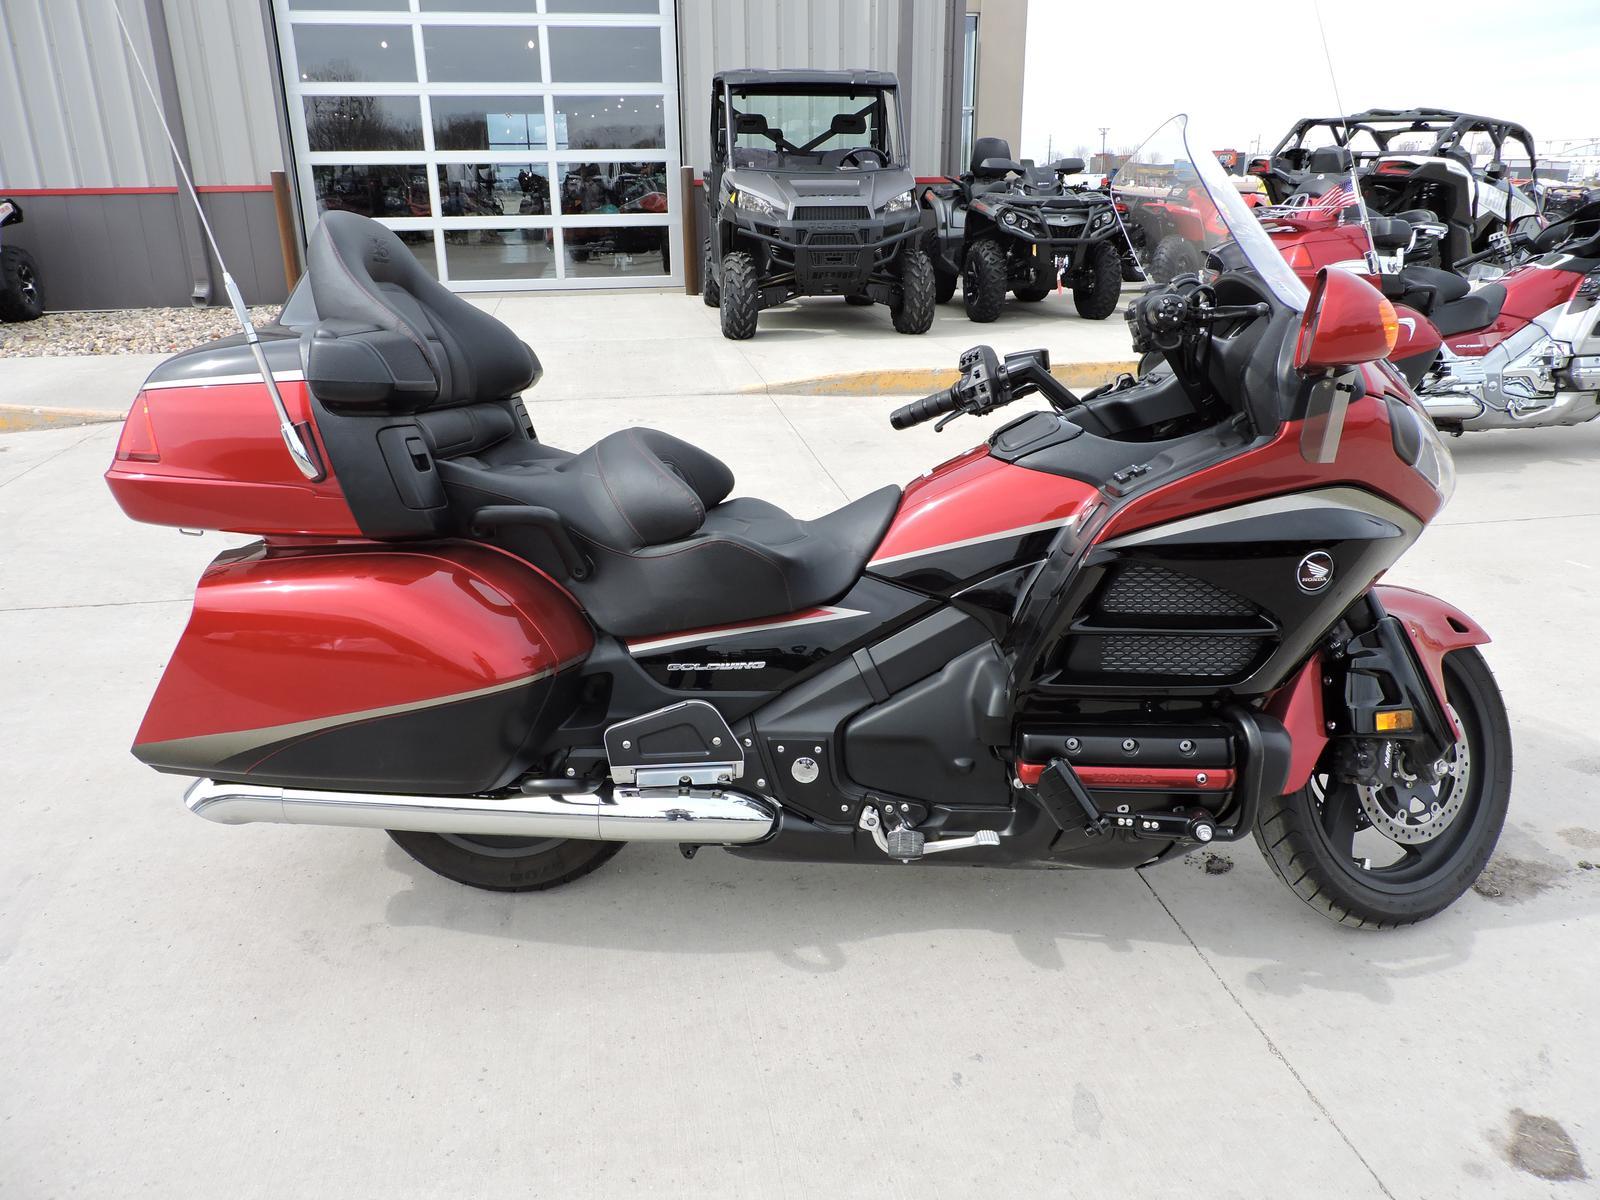 Honda Motorcycle Dealer In Mason City Iowa